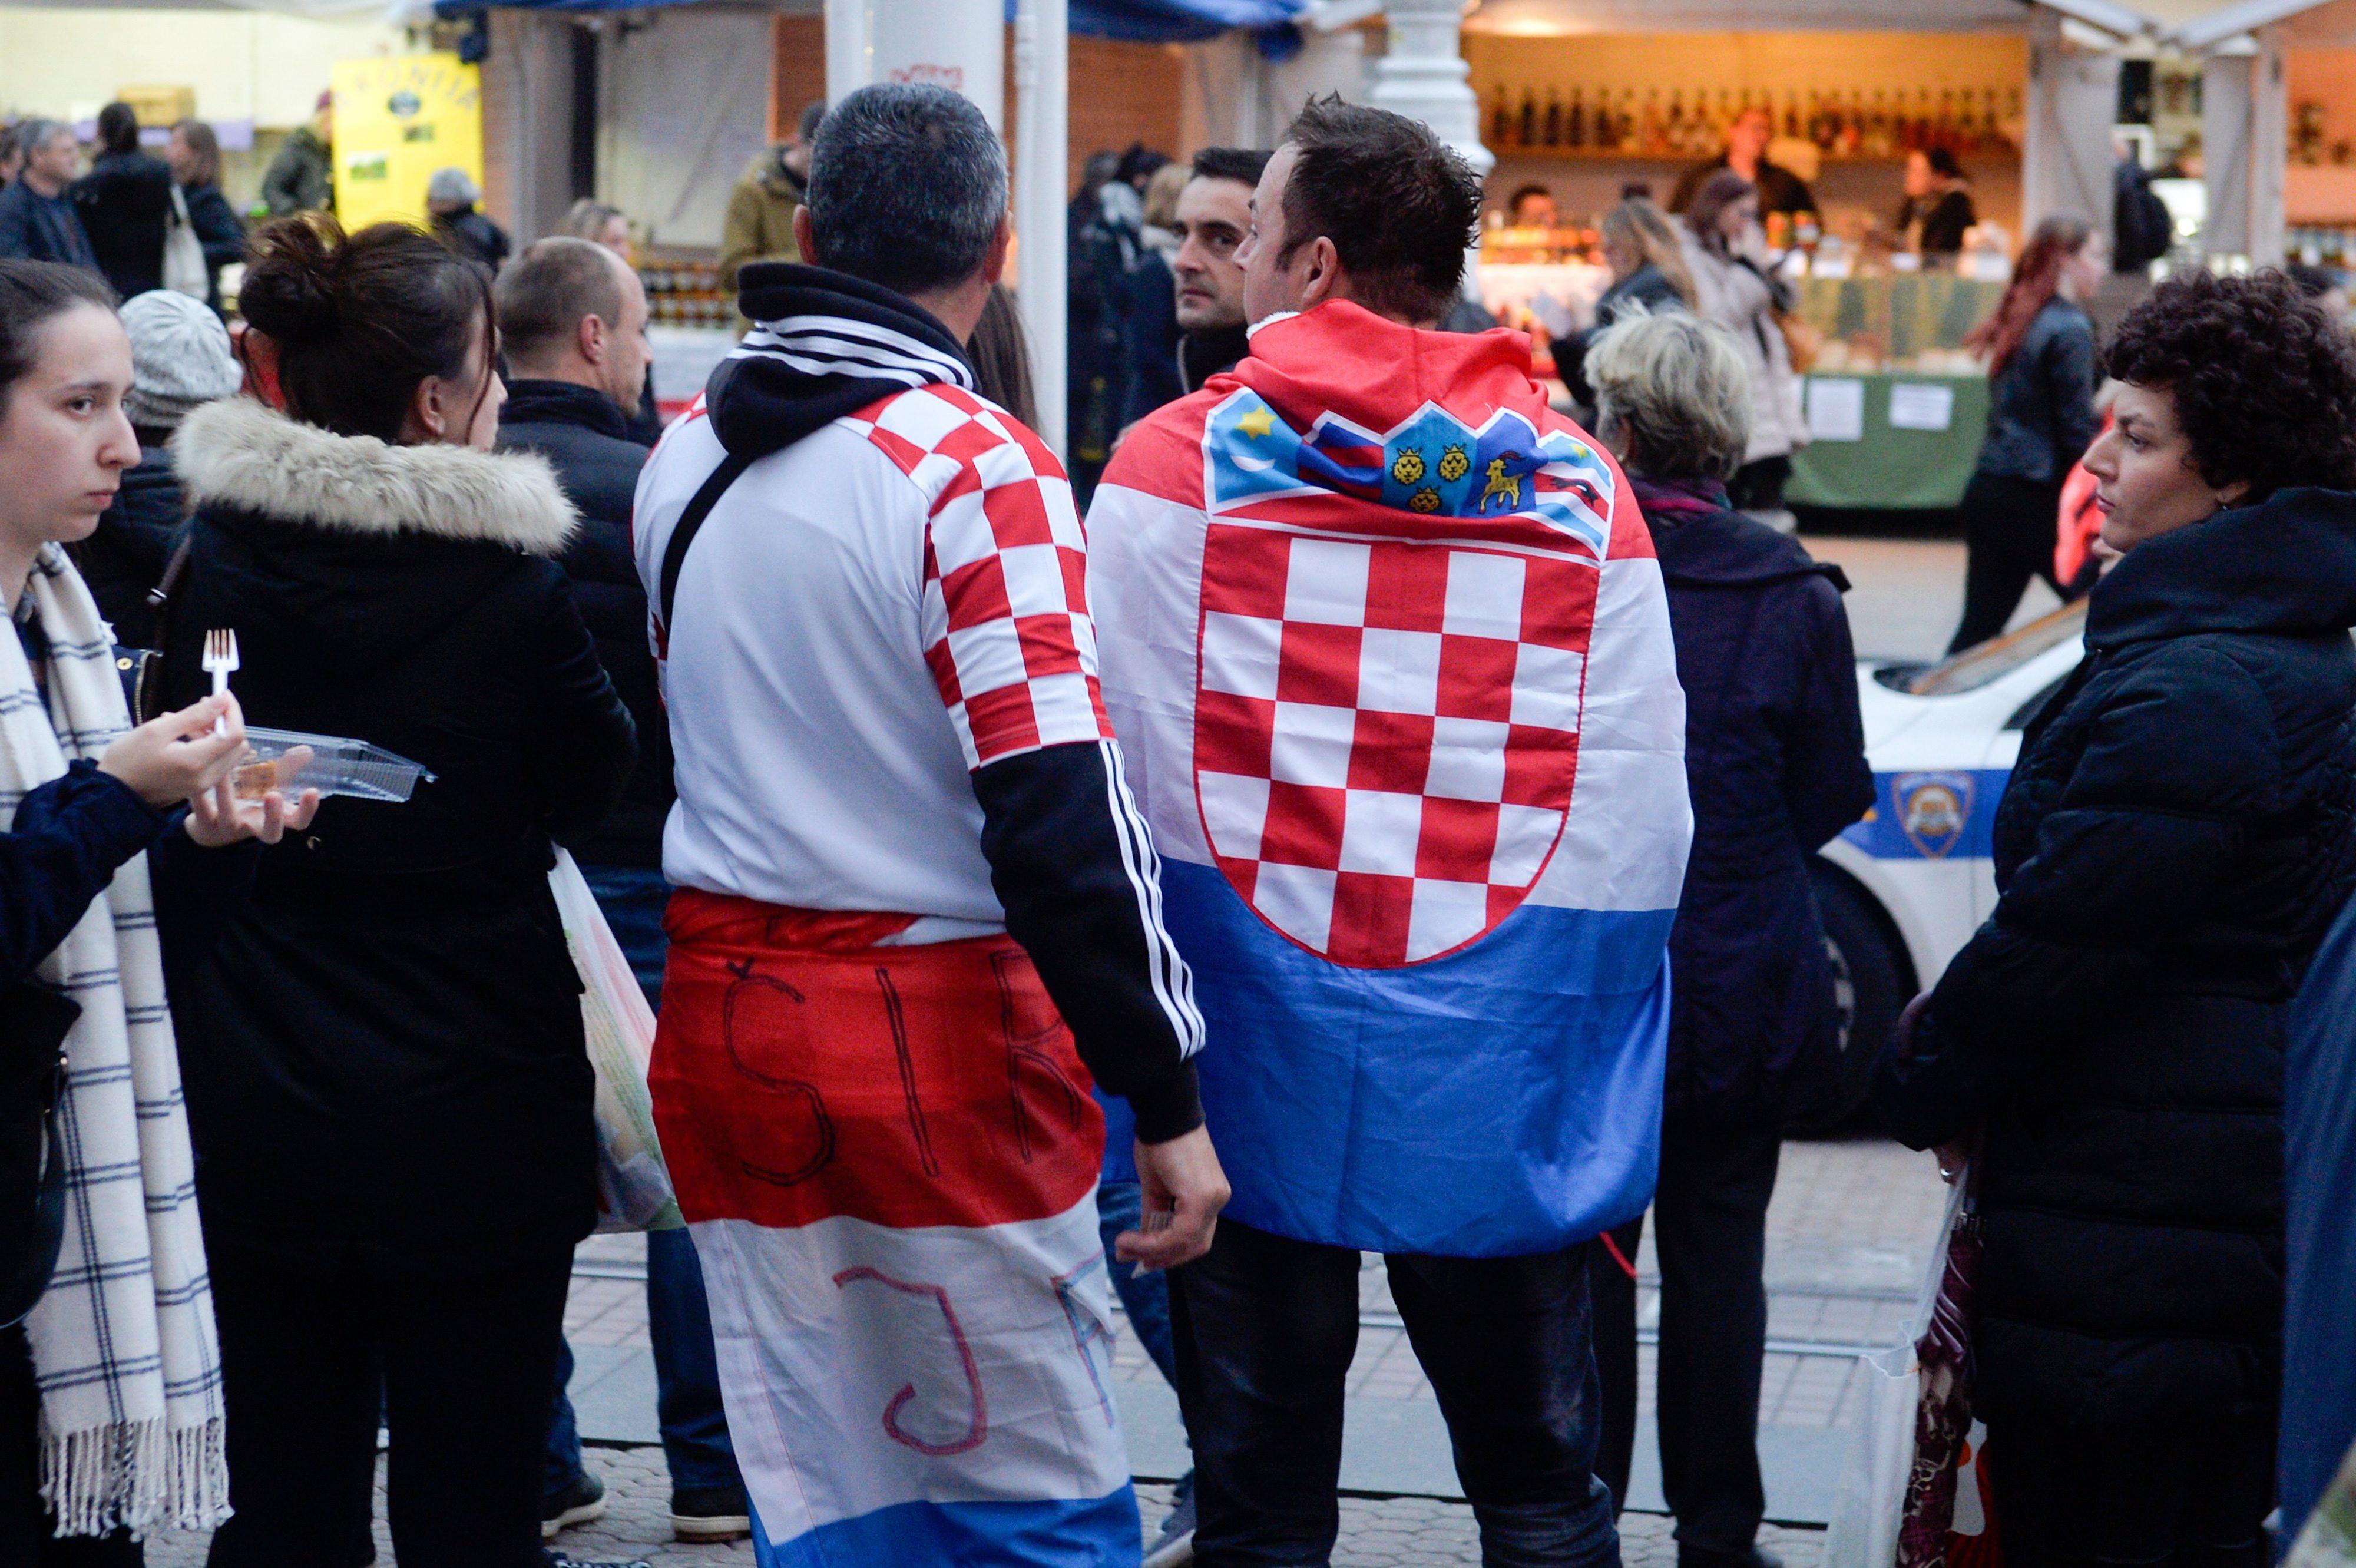 Zagreb, 091117.  Trg bana Jelacica. Navijaci Hrvatske na trgu pred kvalifikacijsku utakmicu Hrvatska - Grcka. Foto: Goran Mehkek / Hanza Media